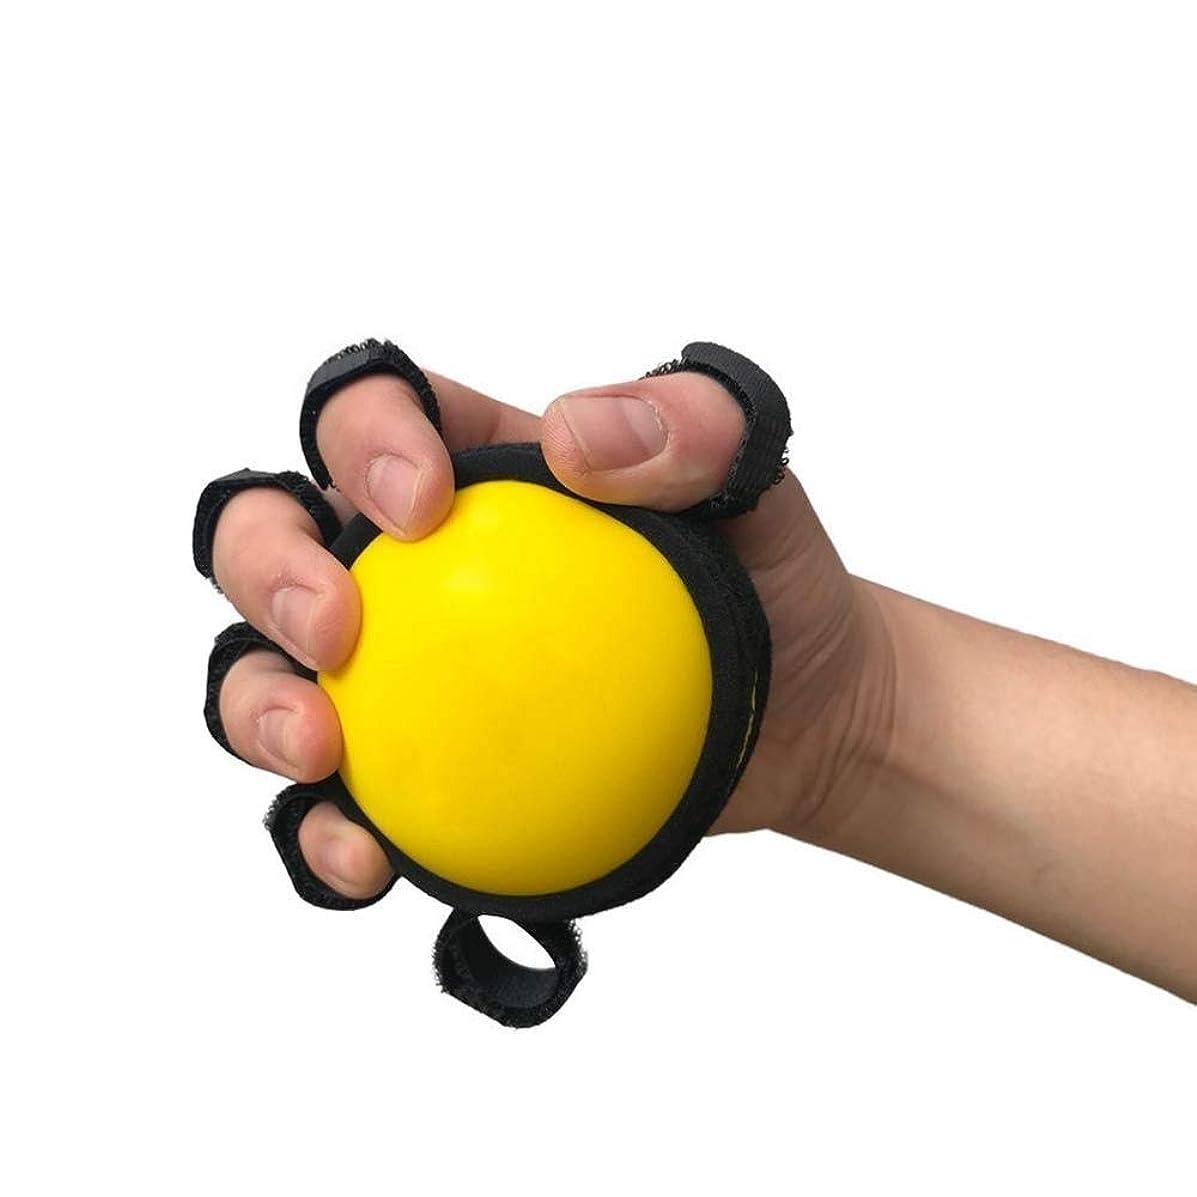 不満お強度ハンドセラピー運動ボール、脳卒中、片麻痺を軽減するための5本指分離ボールリハビリテーショントレーニング